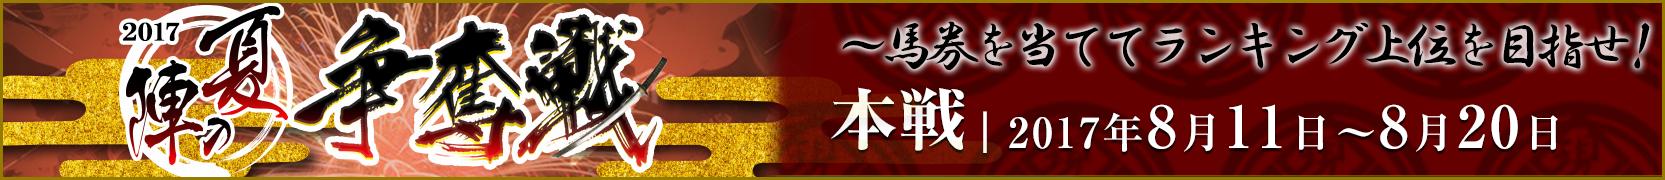 2017夏の陣争奪戦(本戦)